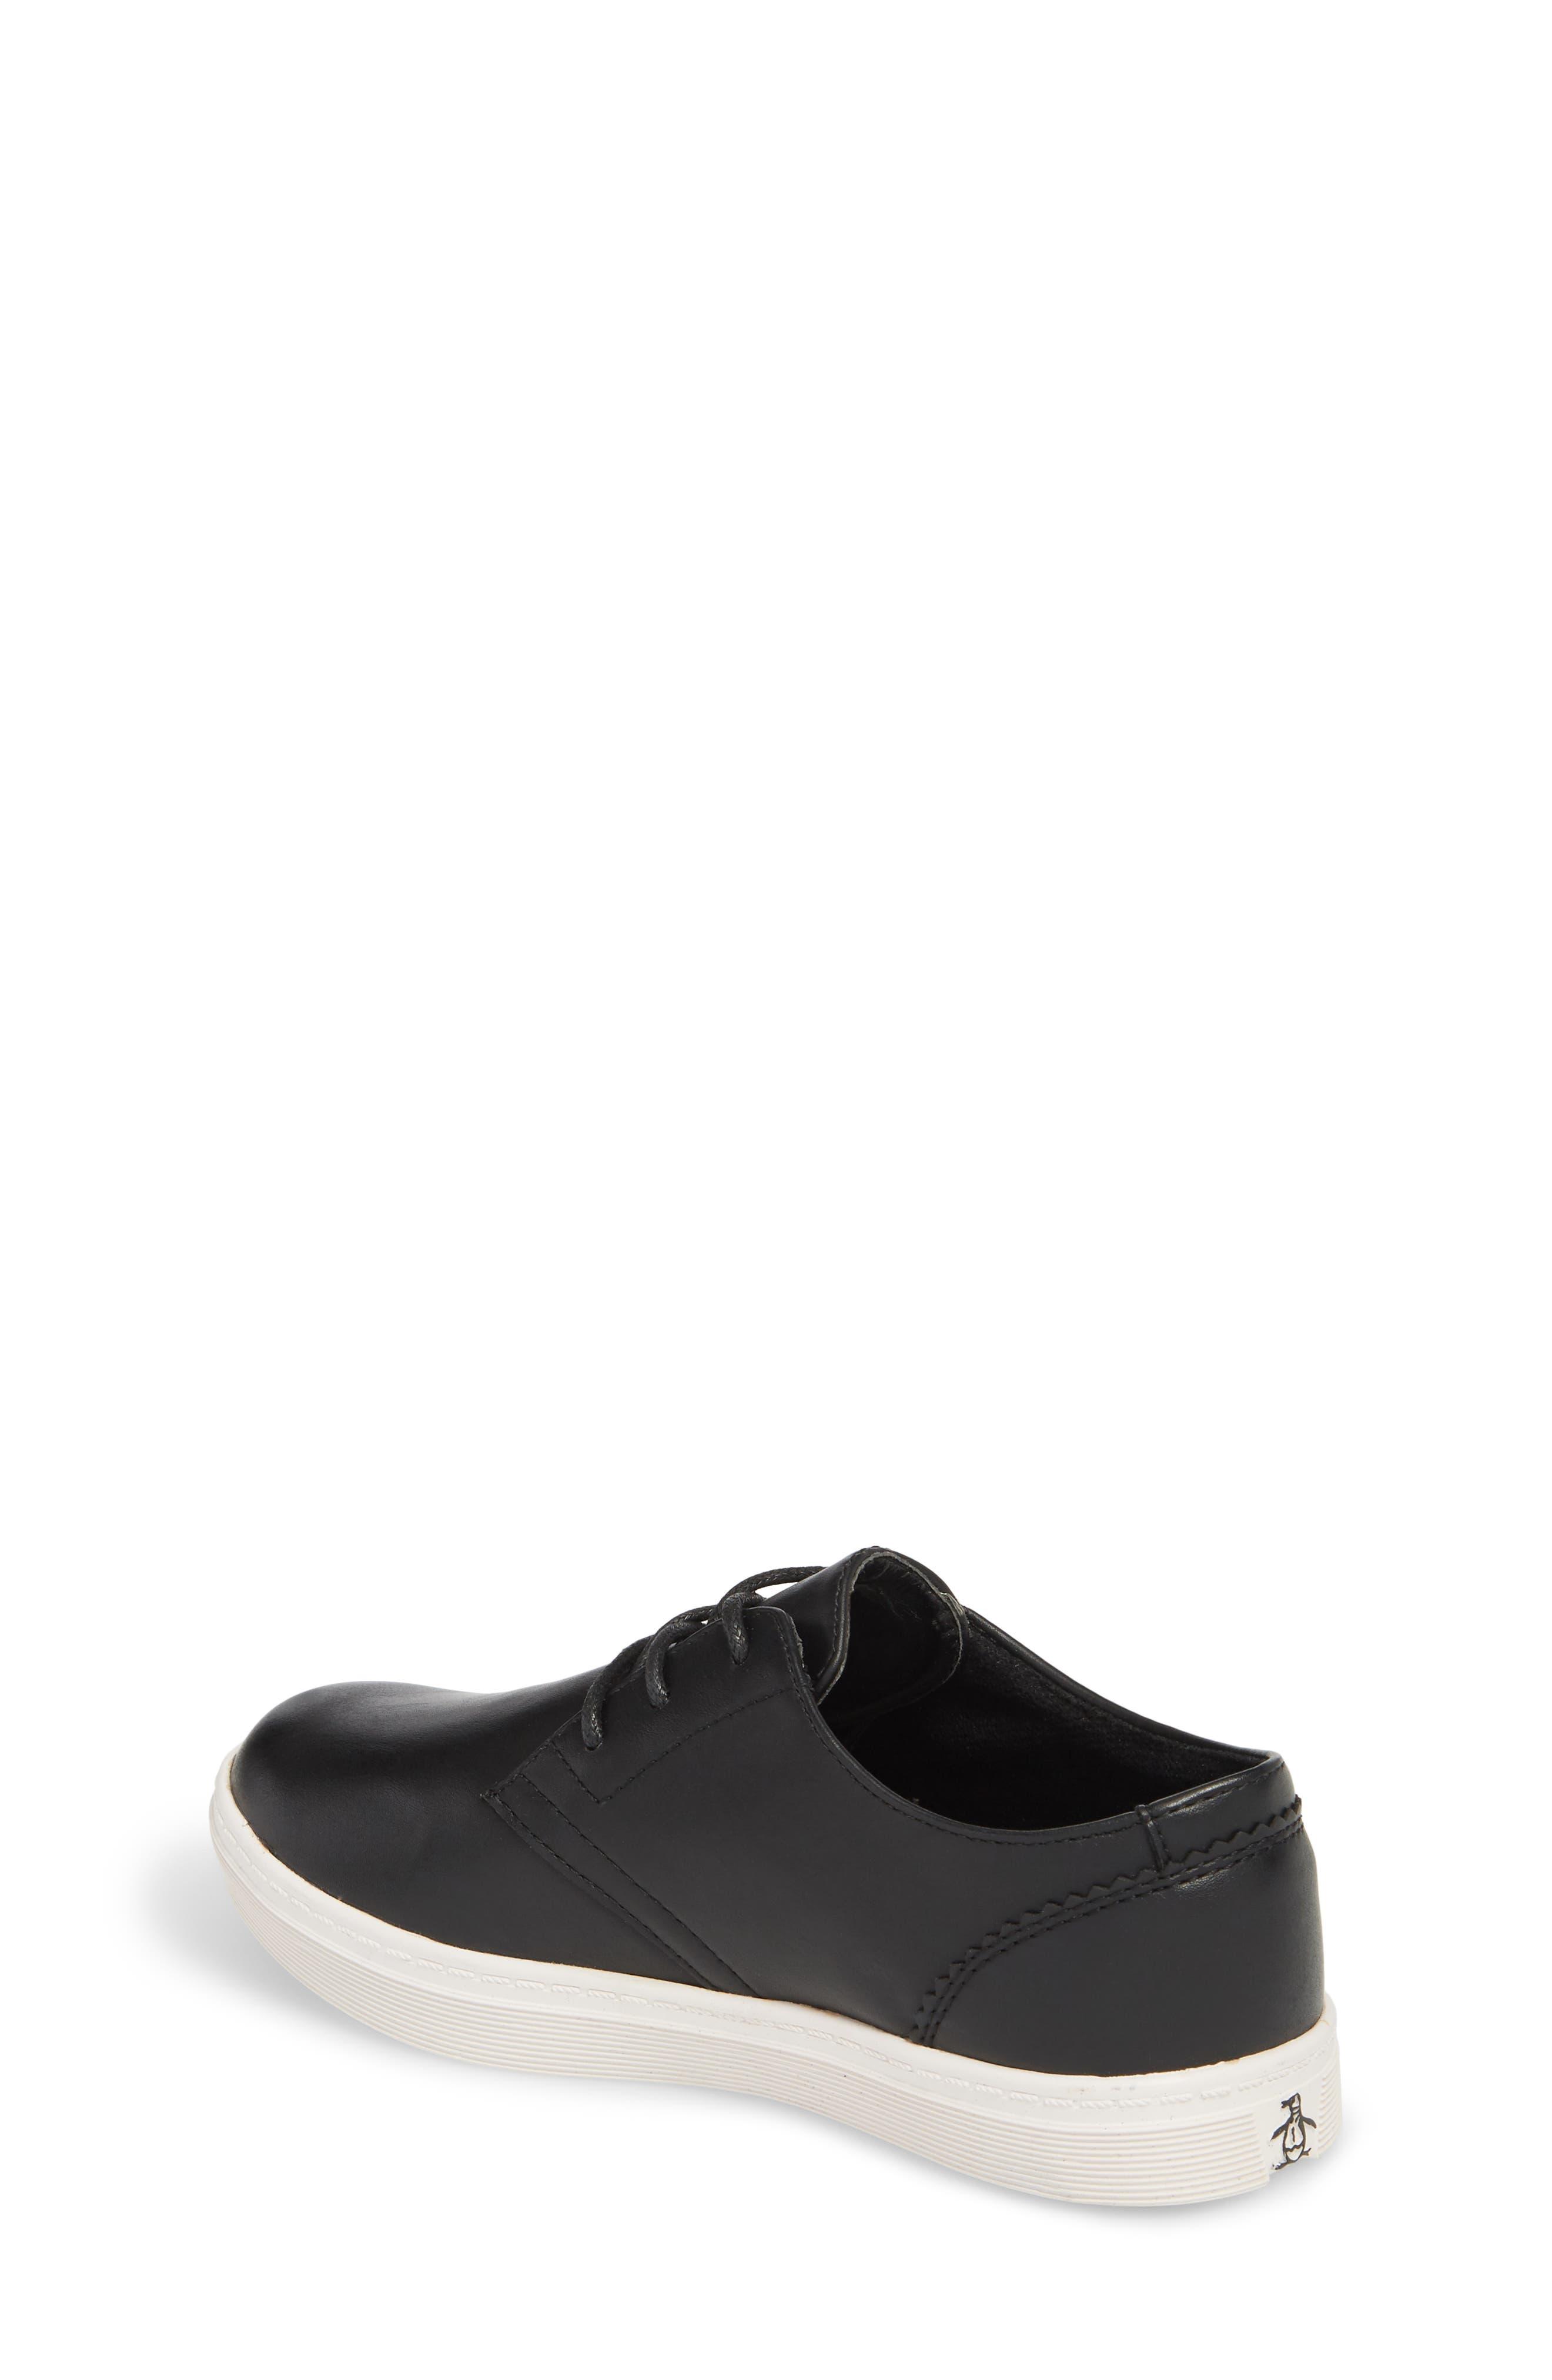 Freeland Sneaker,                             Alternate thumbnail 2, color,                             Black